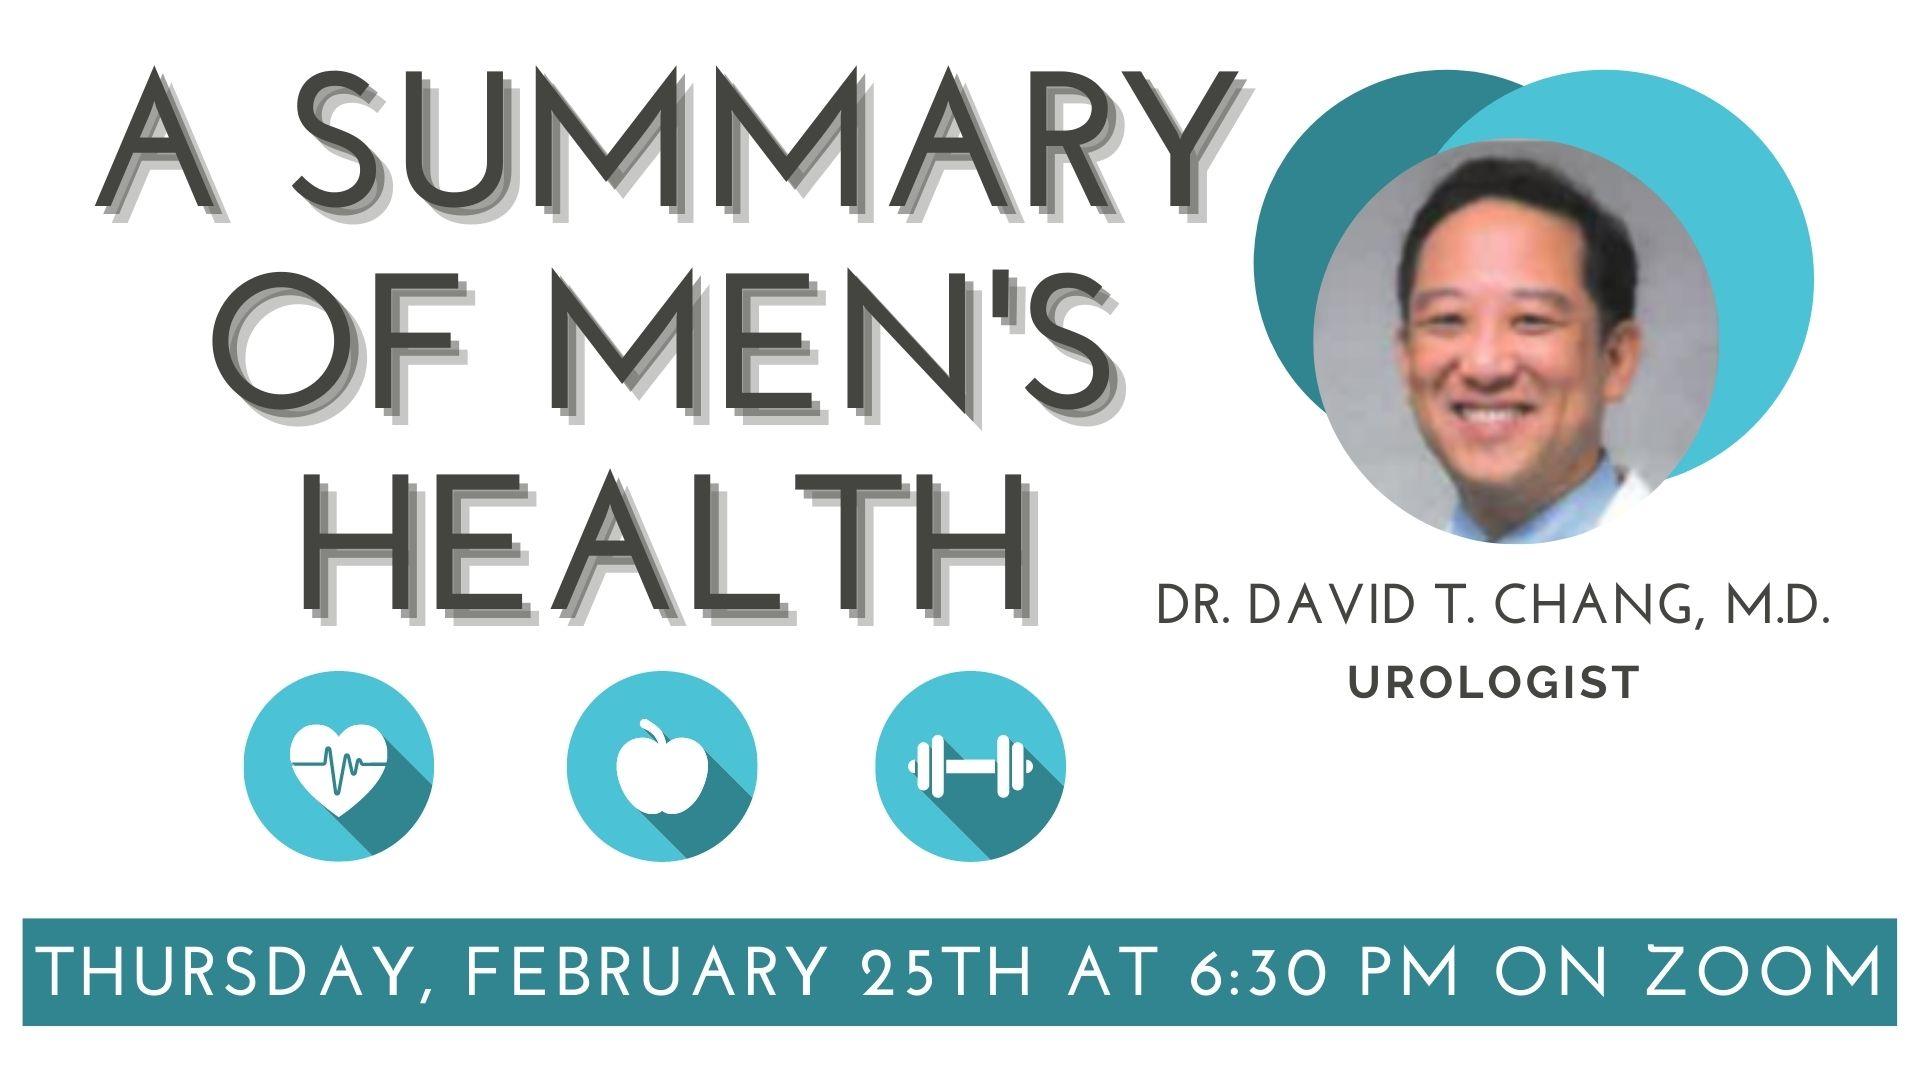 A summary of Men's Health